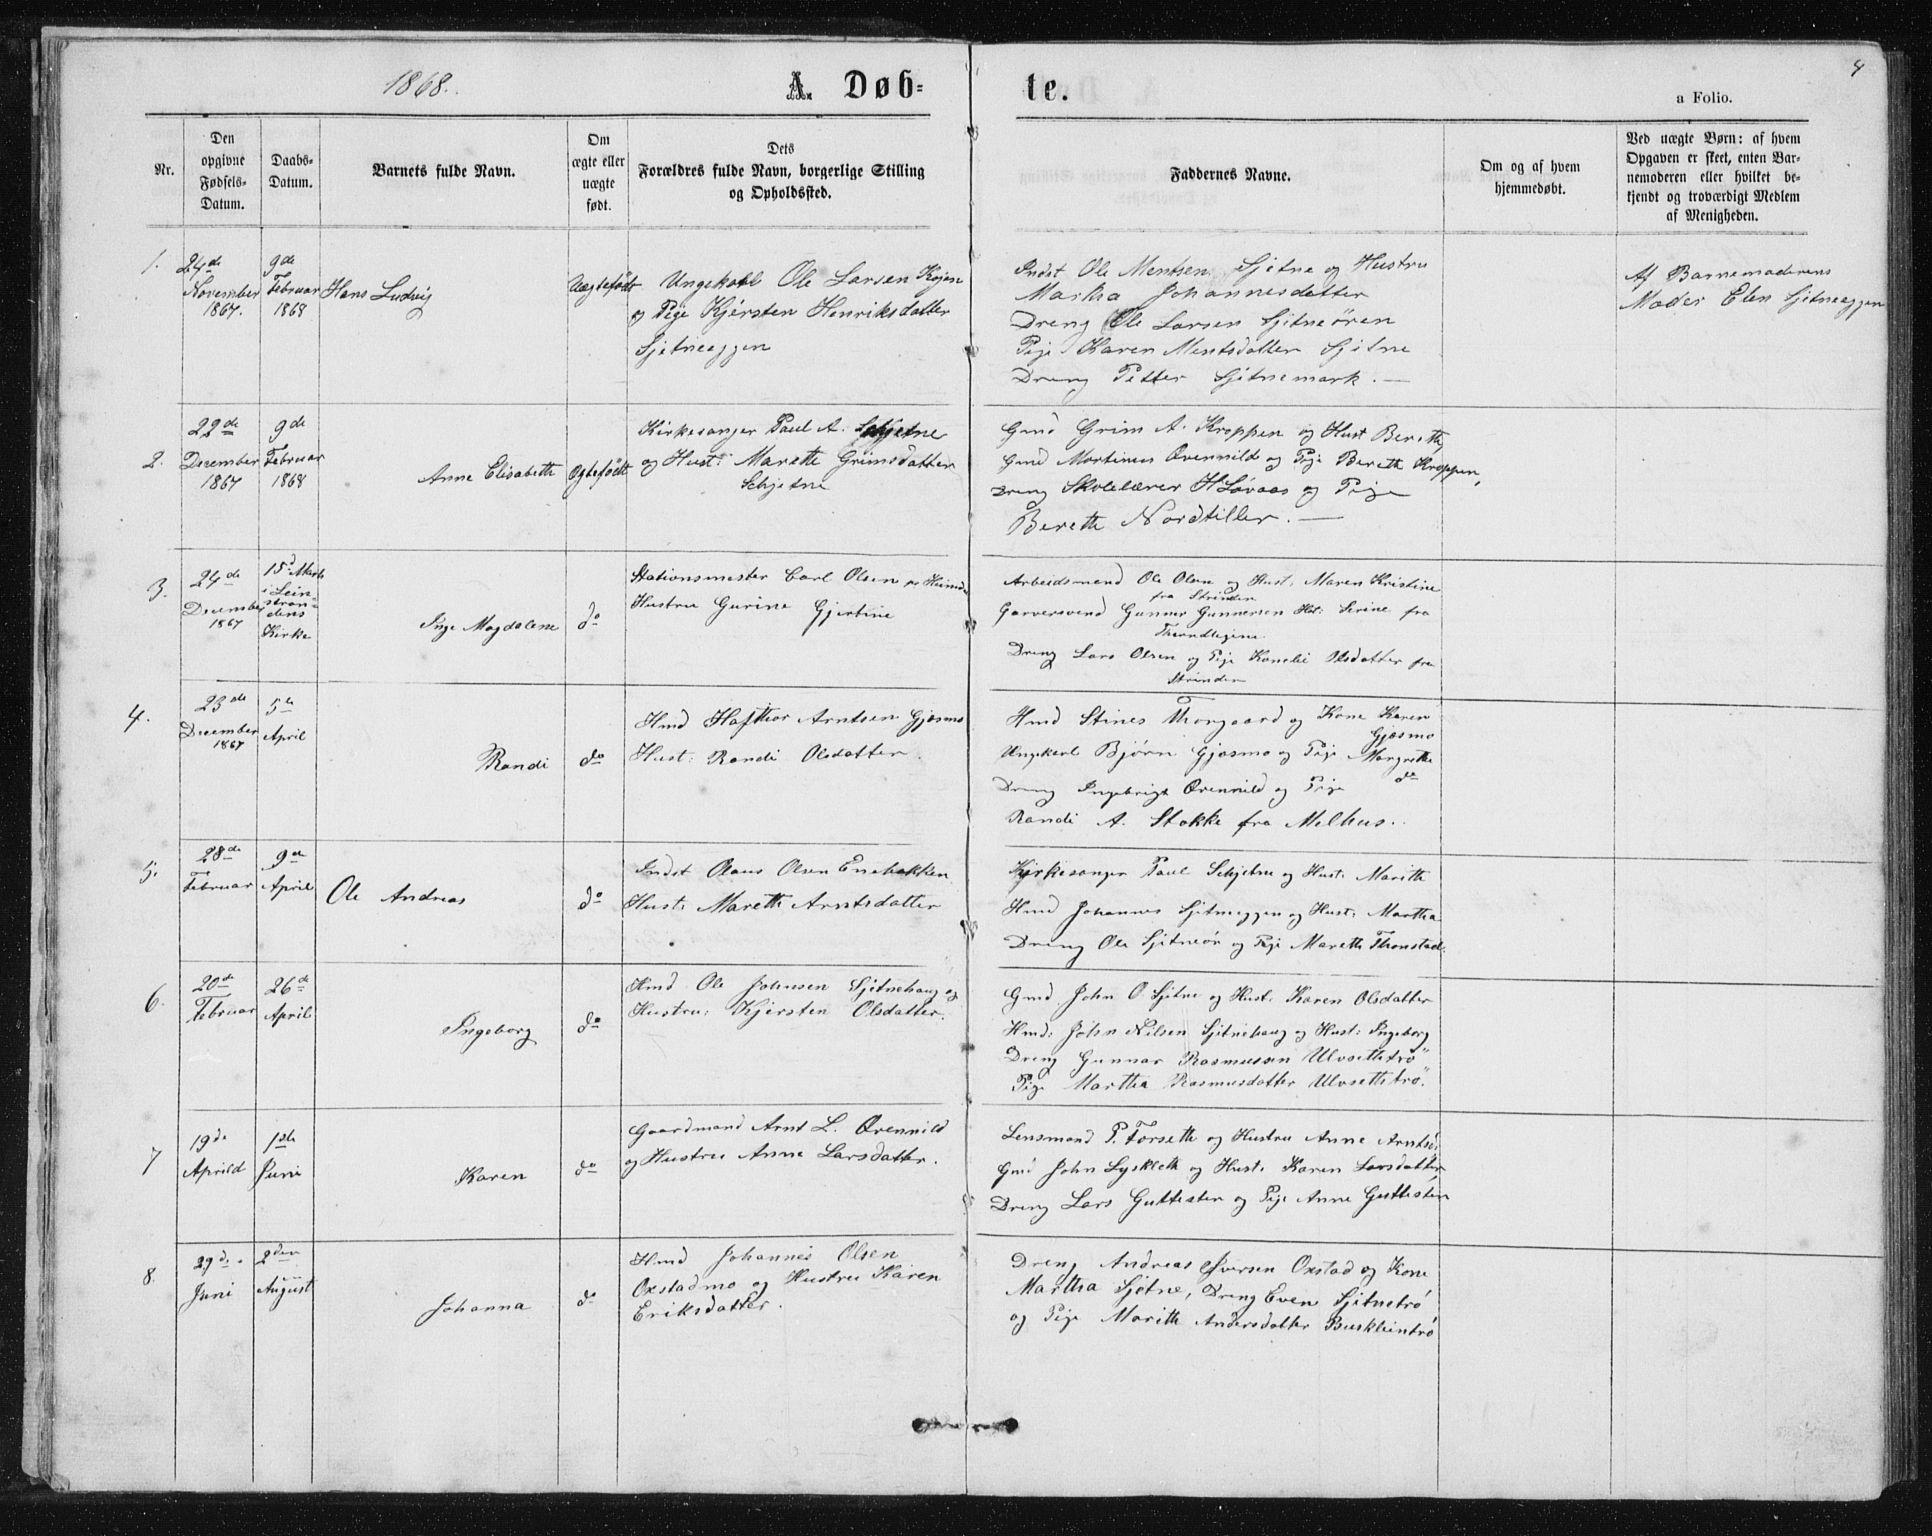 SAT, Ministerialprotokoller, klokkerbøker og fødselsregistre - Sør-Trøndelag, 621/L0459: Klokkerbok nr. 621C02, 1866-1895, s. 4